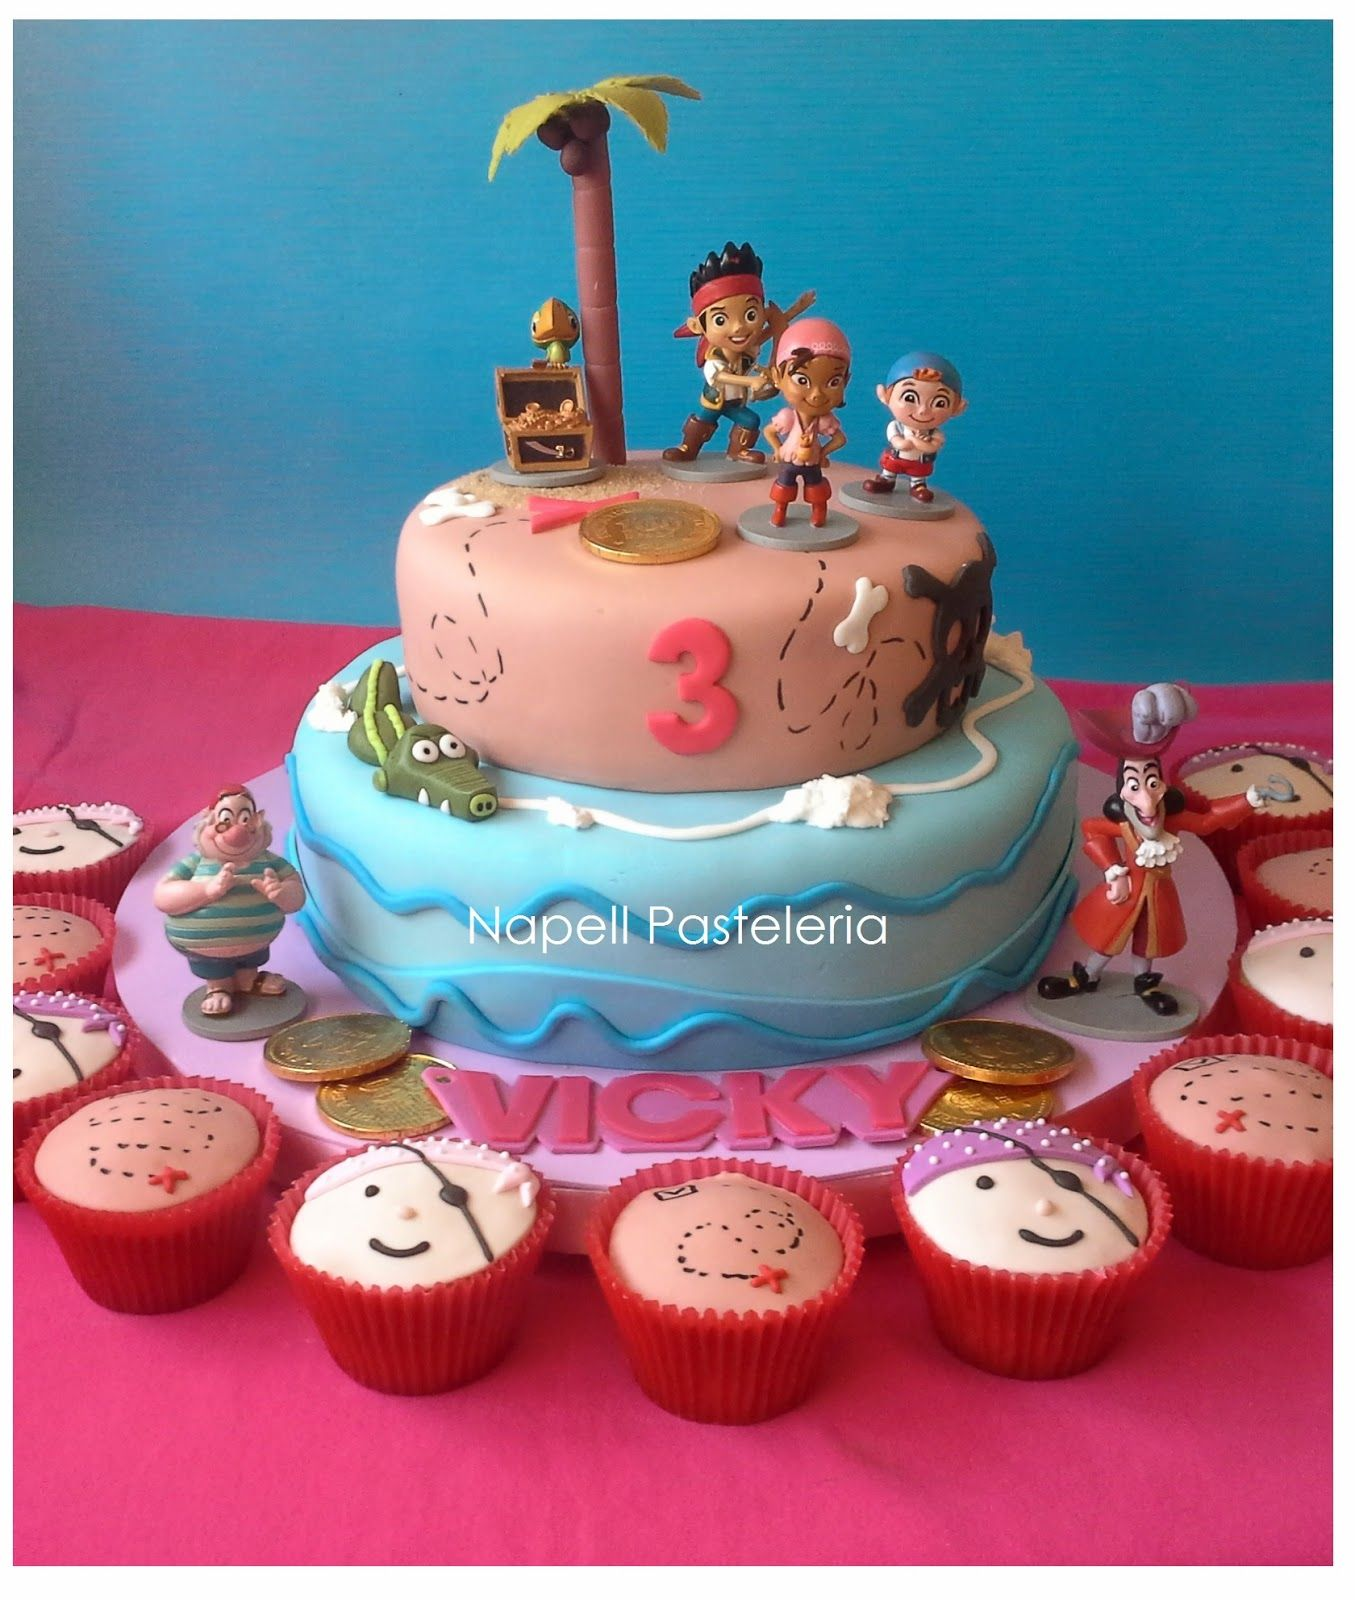 Decoraci n jake y los piratas de nunca jam s pictures to pin on - Torta Y Cupcakes Jake Y Los Piratas Jpg